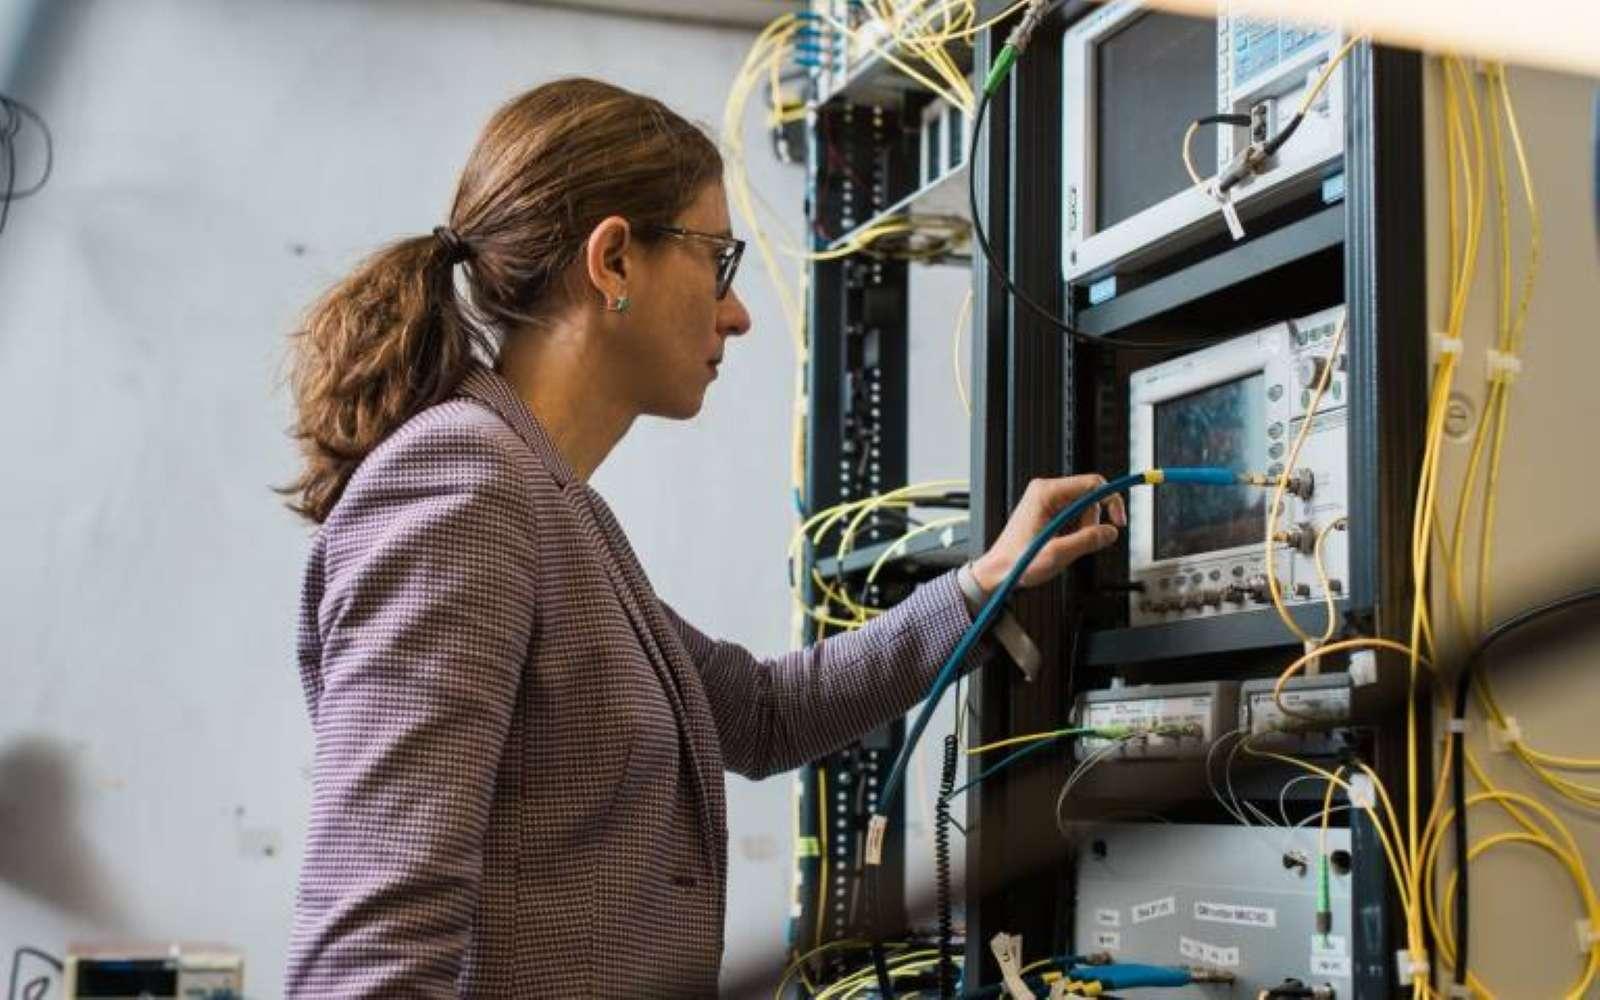 C'est en modulant les signaux que l'équipe de chercheurs a pu atteindre ce record de débit sur Internet. © UCL